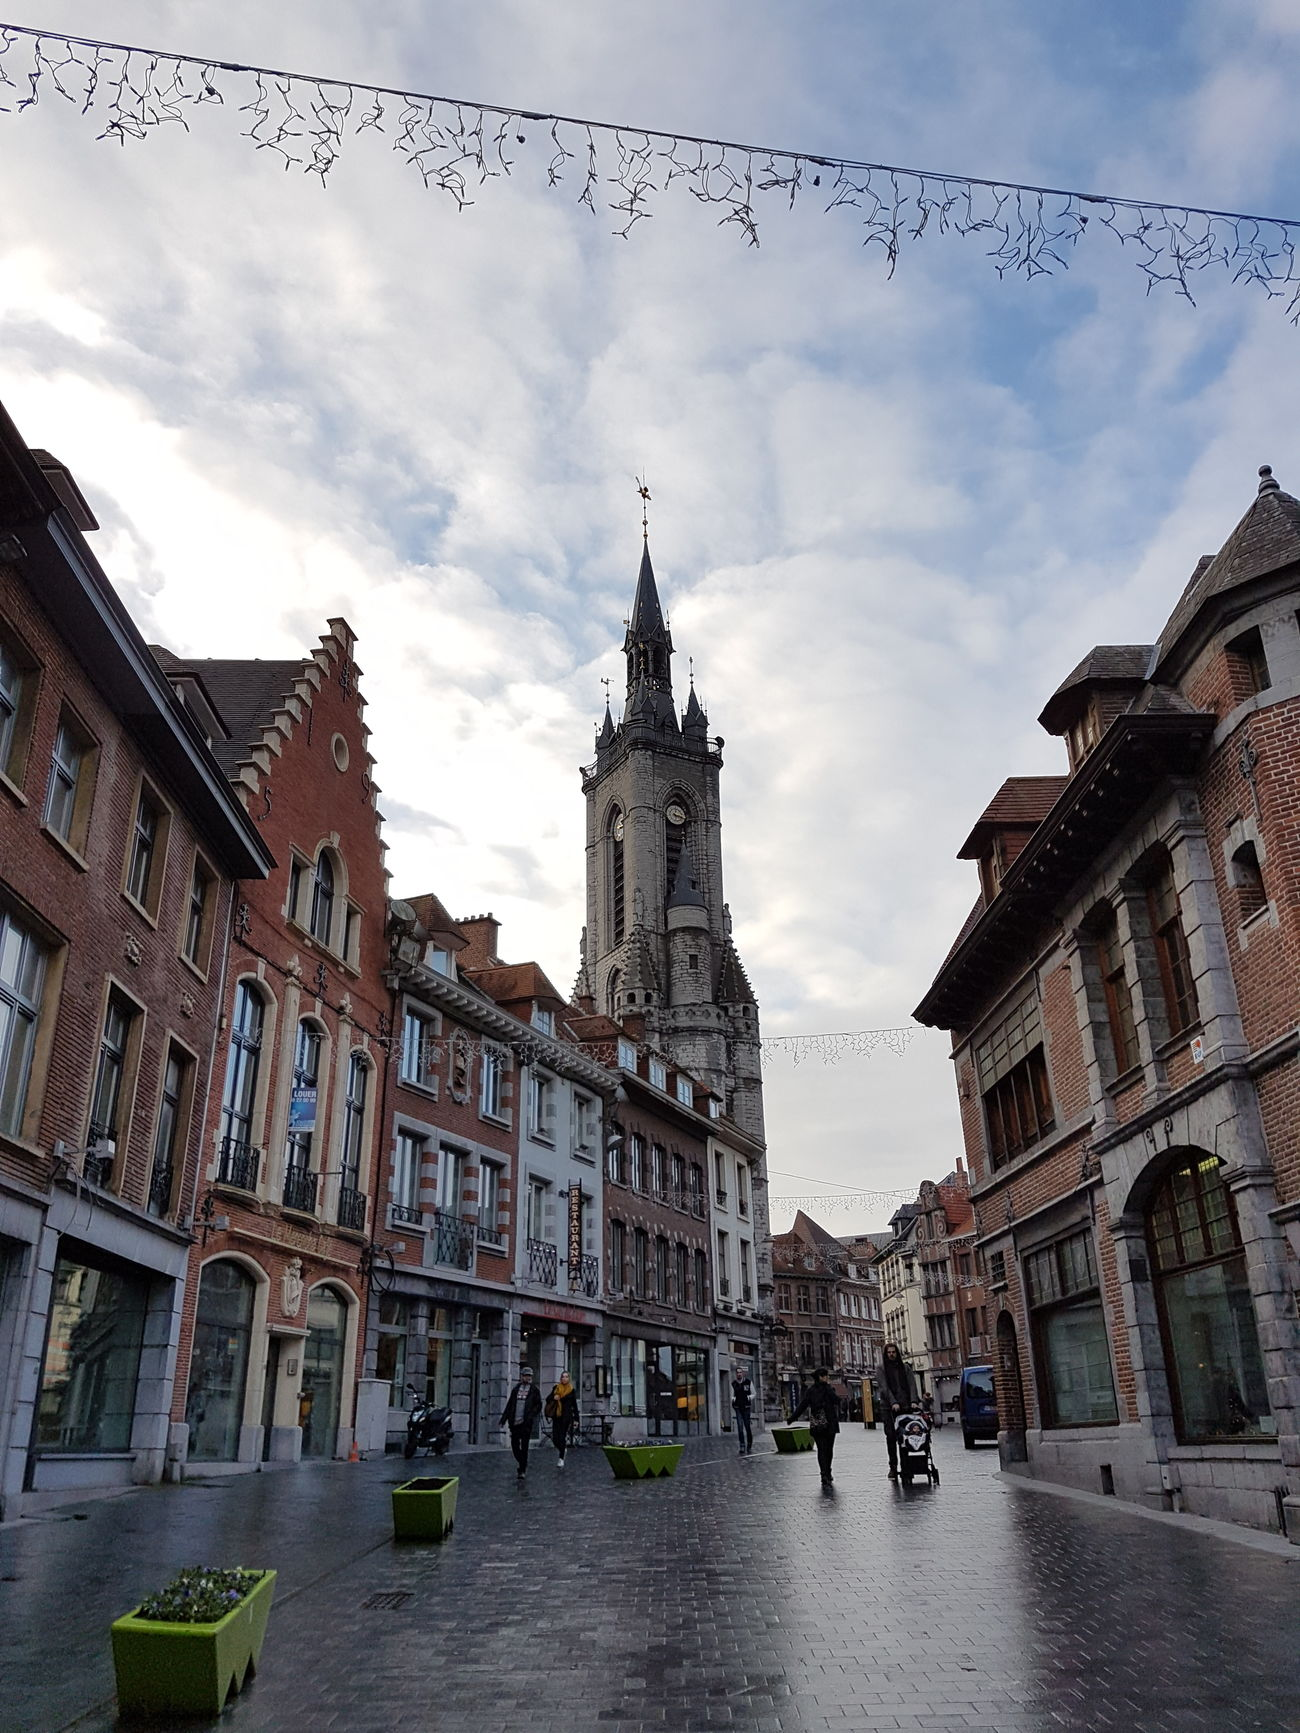 Architecture Travel Destinations Building Exterior City Built Structure Travel Sky Outdoors Cityscape Cloud - Sky Cultures Victorian Style Tournai Belgium